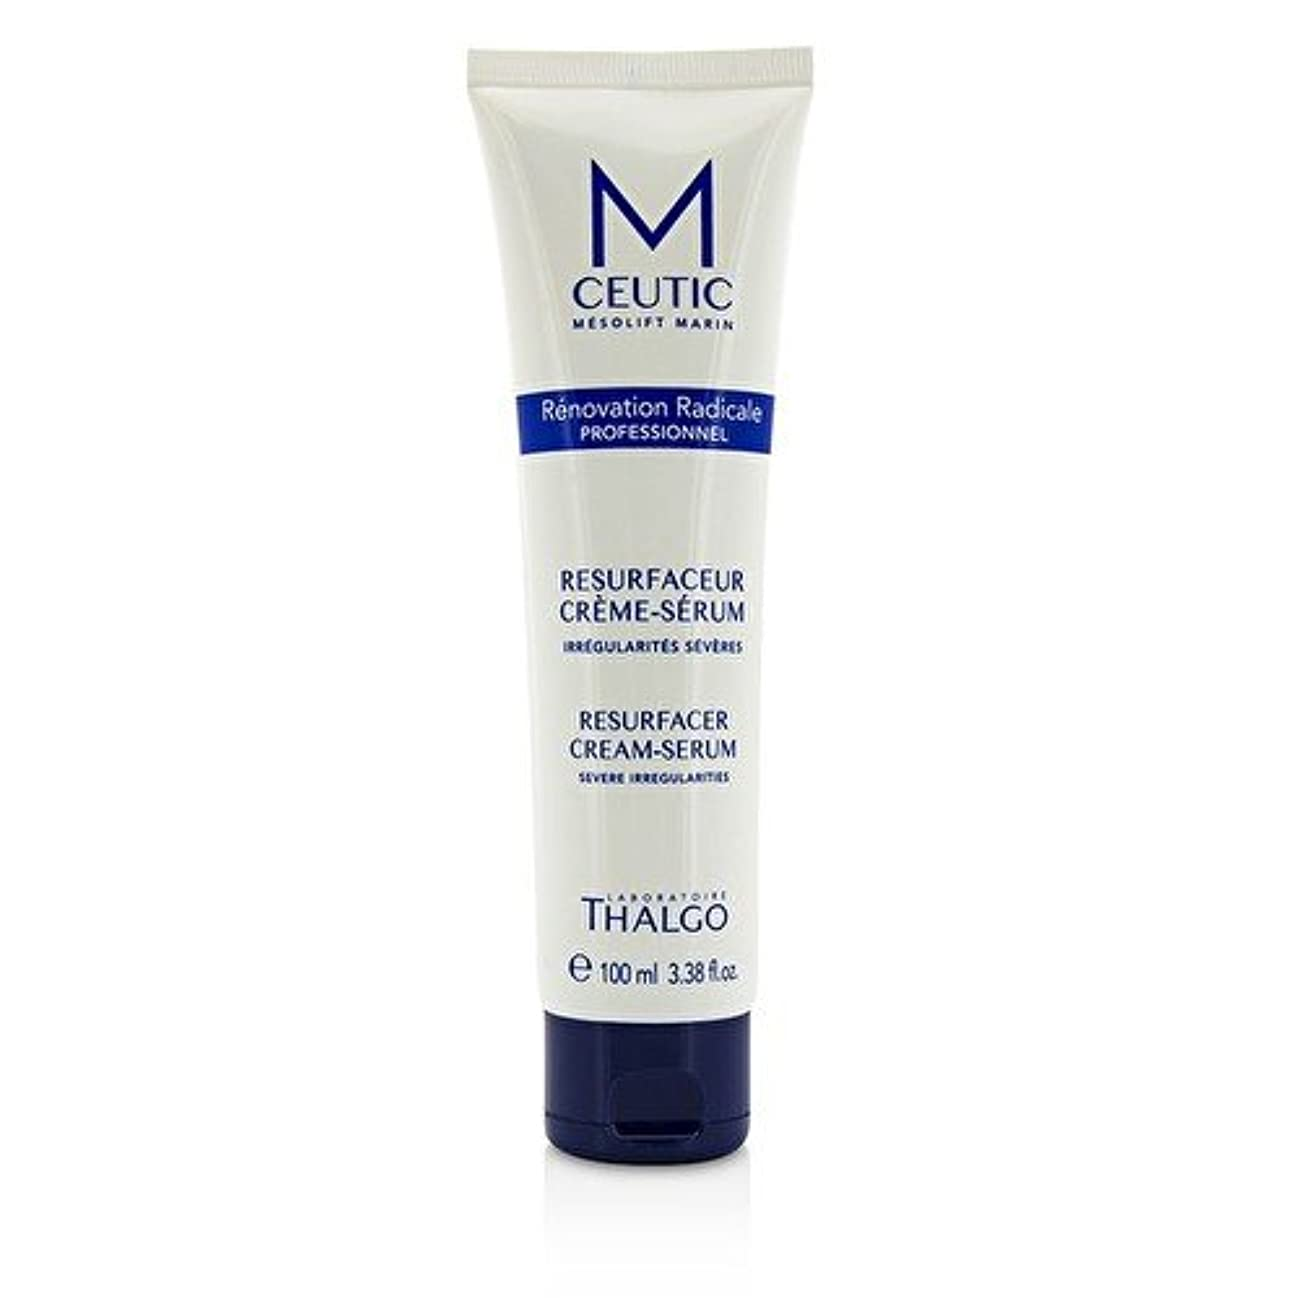 クローンミケランジェロ飢タルゴ MCEUTIC Resurfacer Cream-Serum - Salon Size 100ml/3.38oz並行輸入品